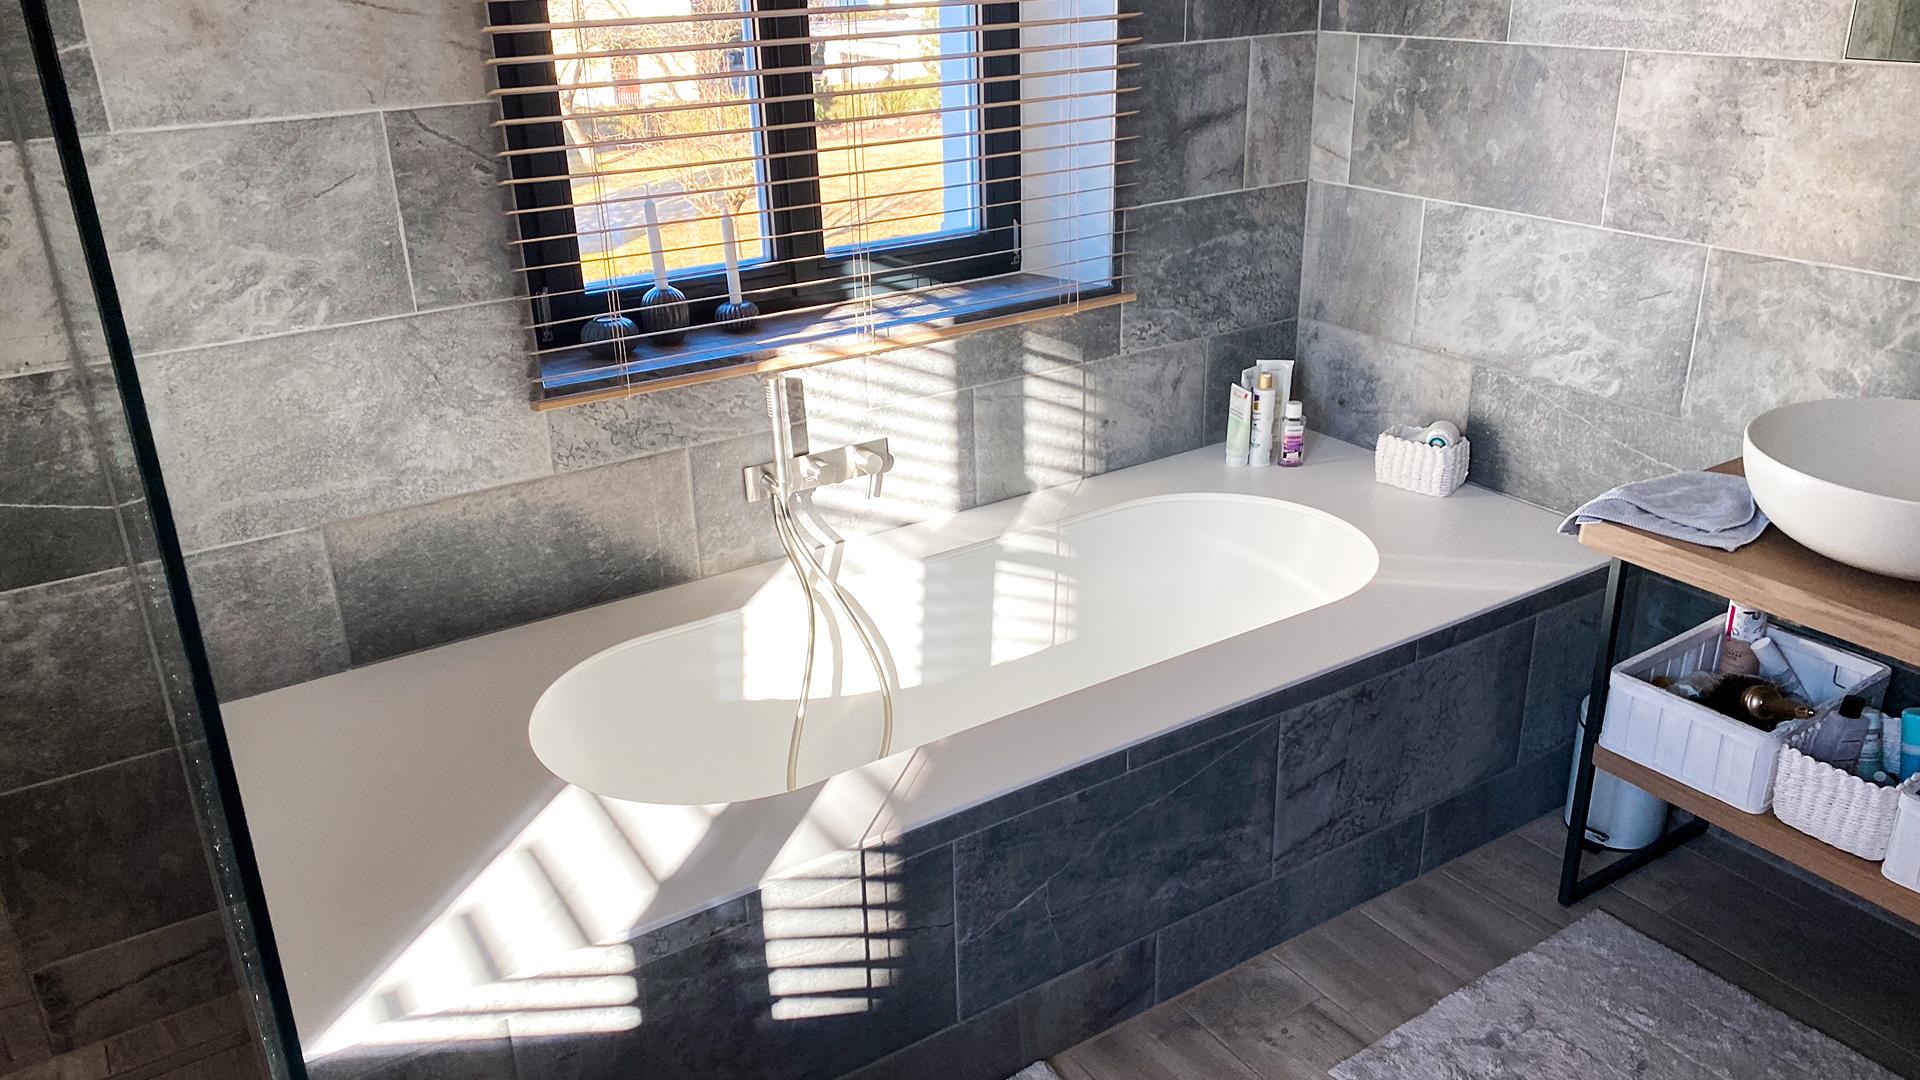 steinwender-installationen-bad